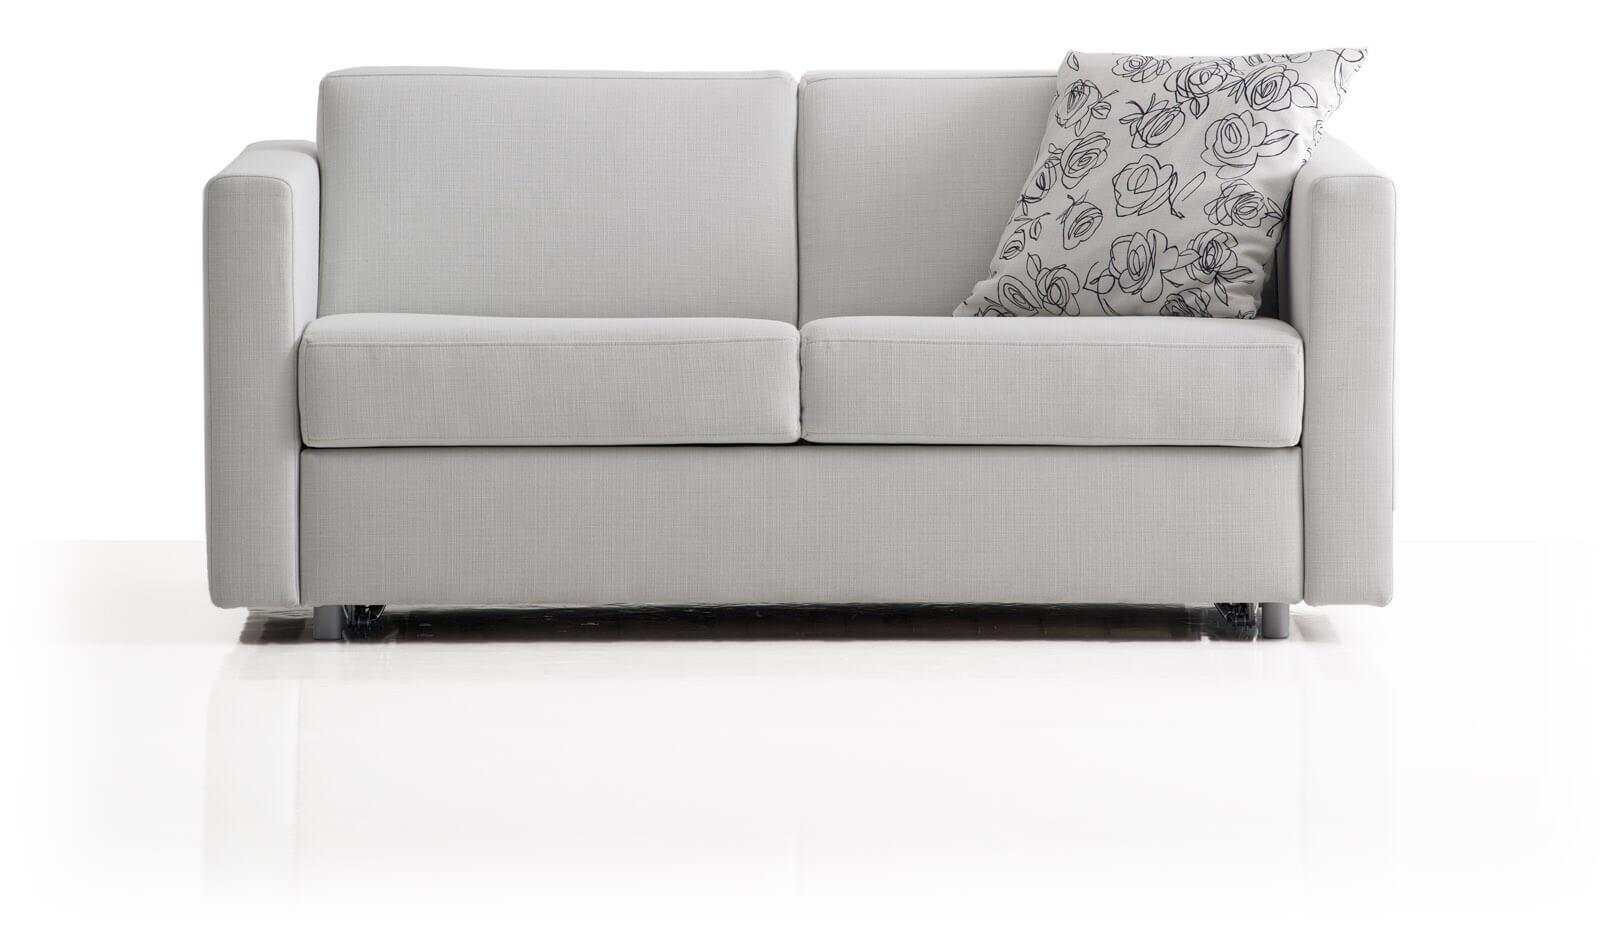 sofabed celebrity by franz fertig. Black Bedroom Furniture Sets. Home Design Ideas